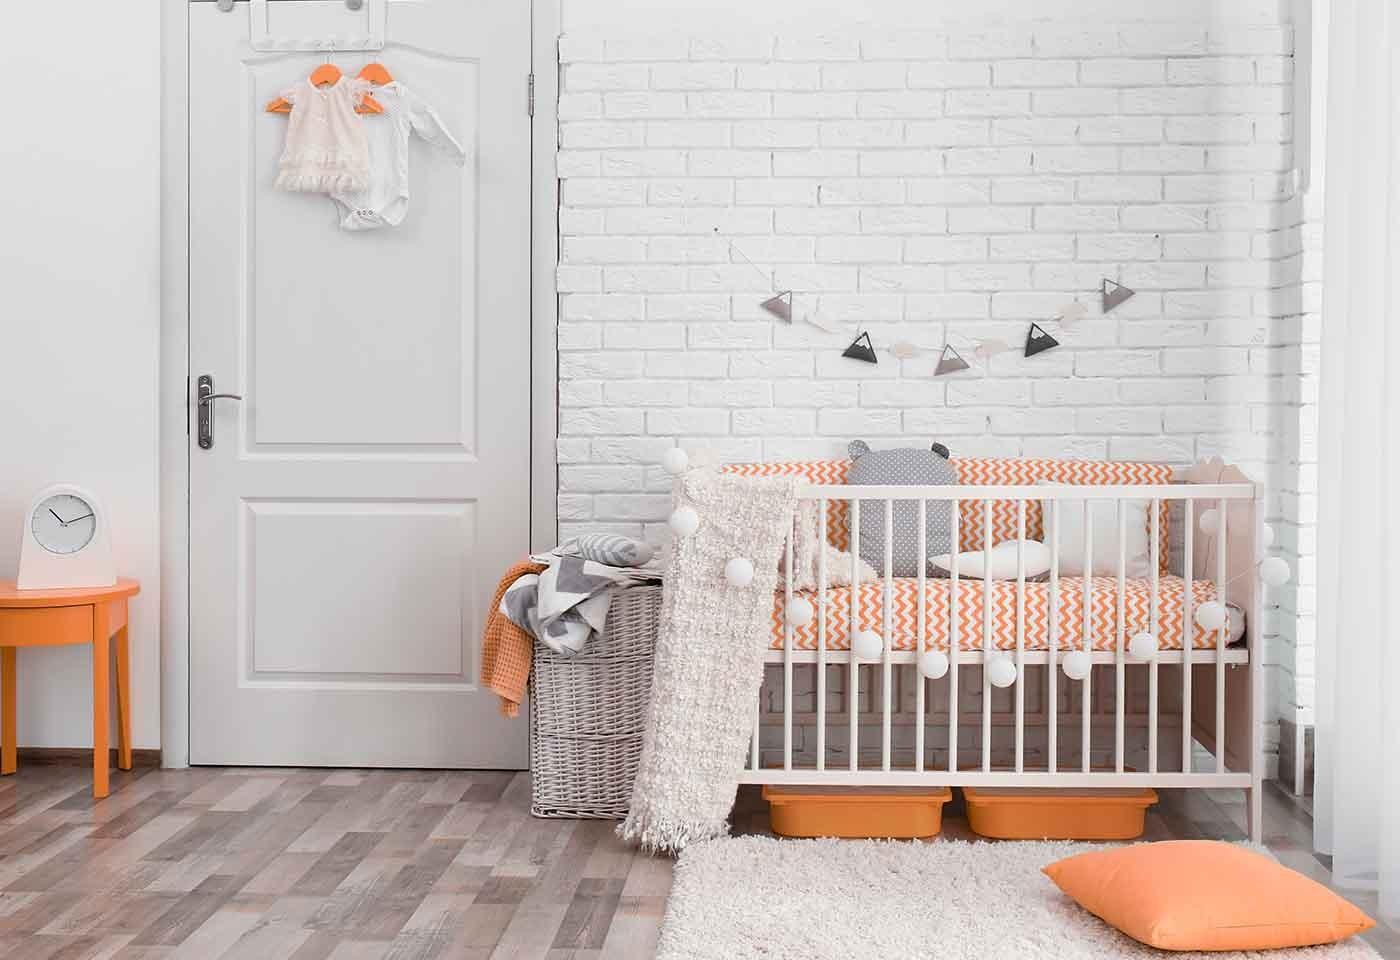 Progettare La Cameretta Dei Bambini.Camerette Per Bambini Una Fiaba In Versione Design